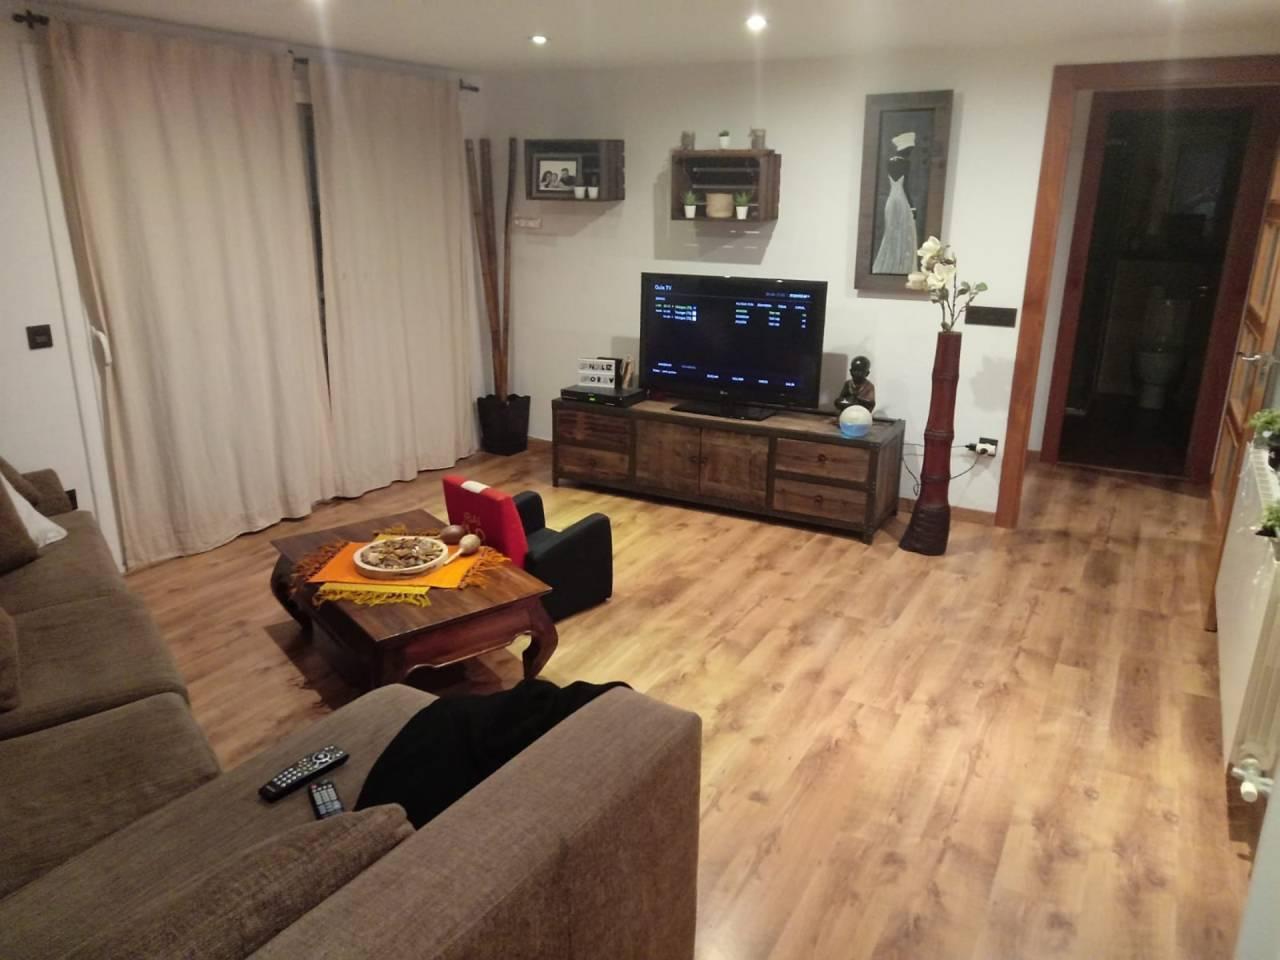 Etagenwohnung  Pare ignasi puig. Acabado de reformar! piso en venta de 80 m2 en la zona pare igna